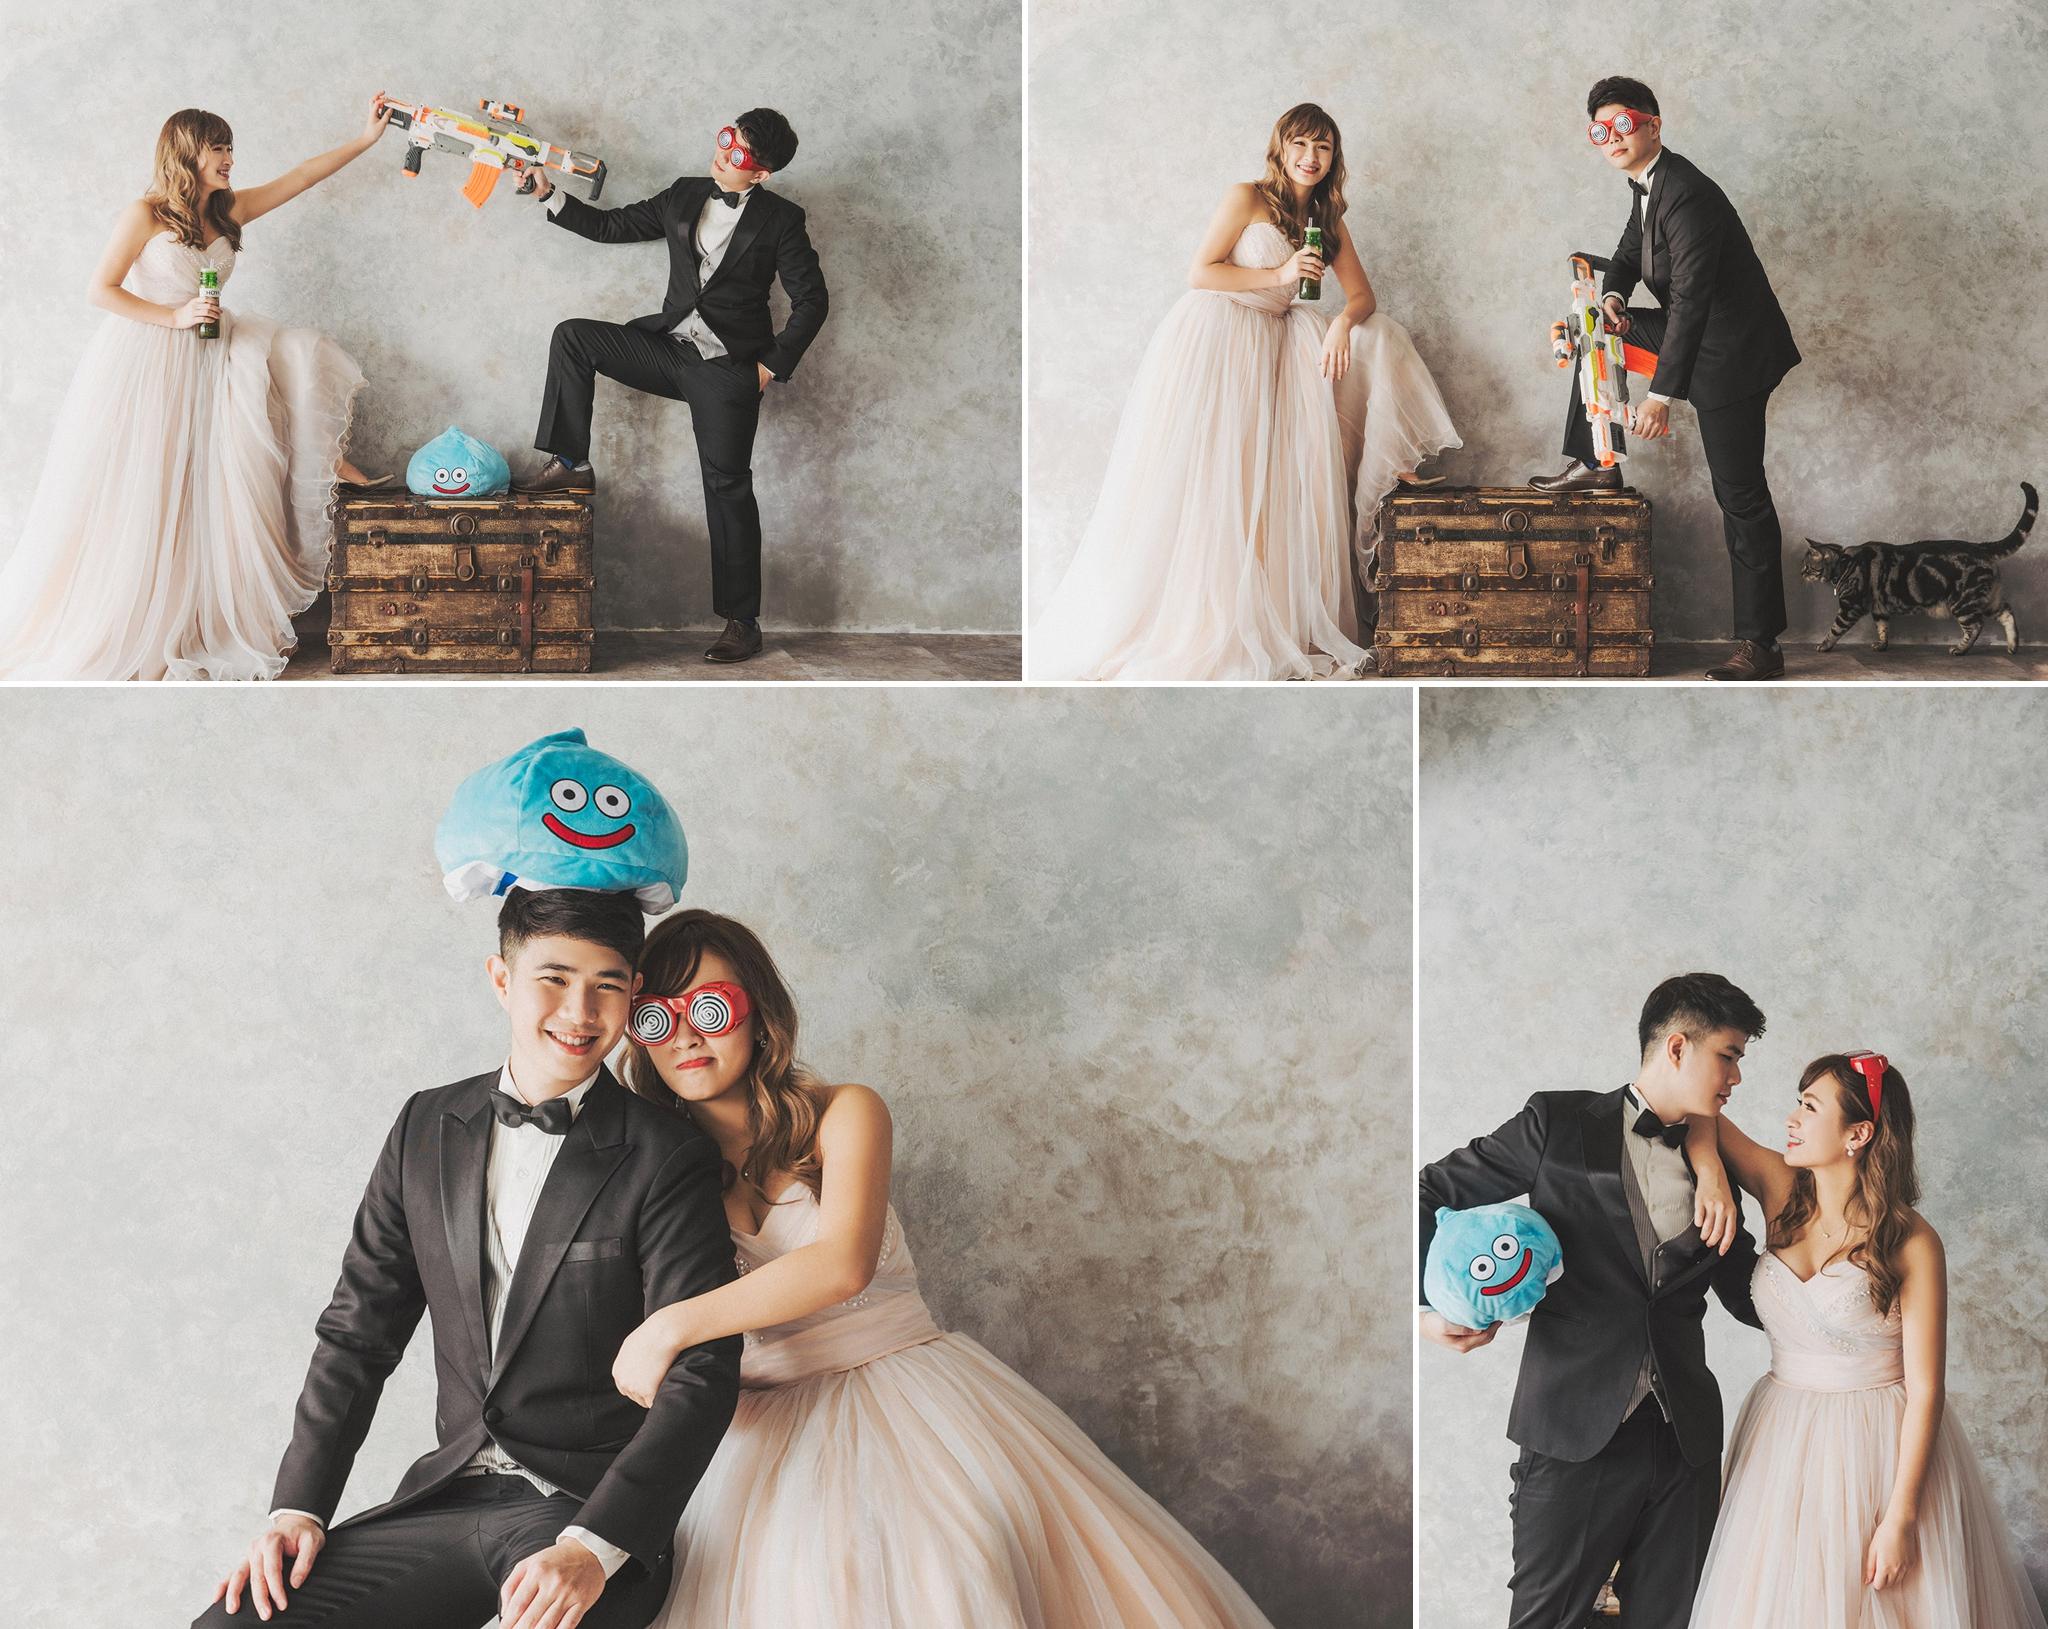 空氣槍,道具,婚紗